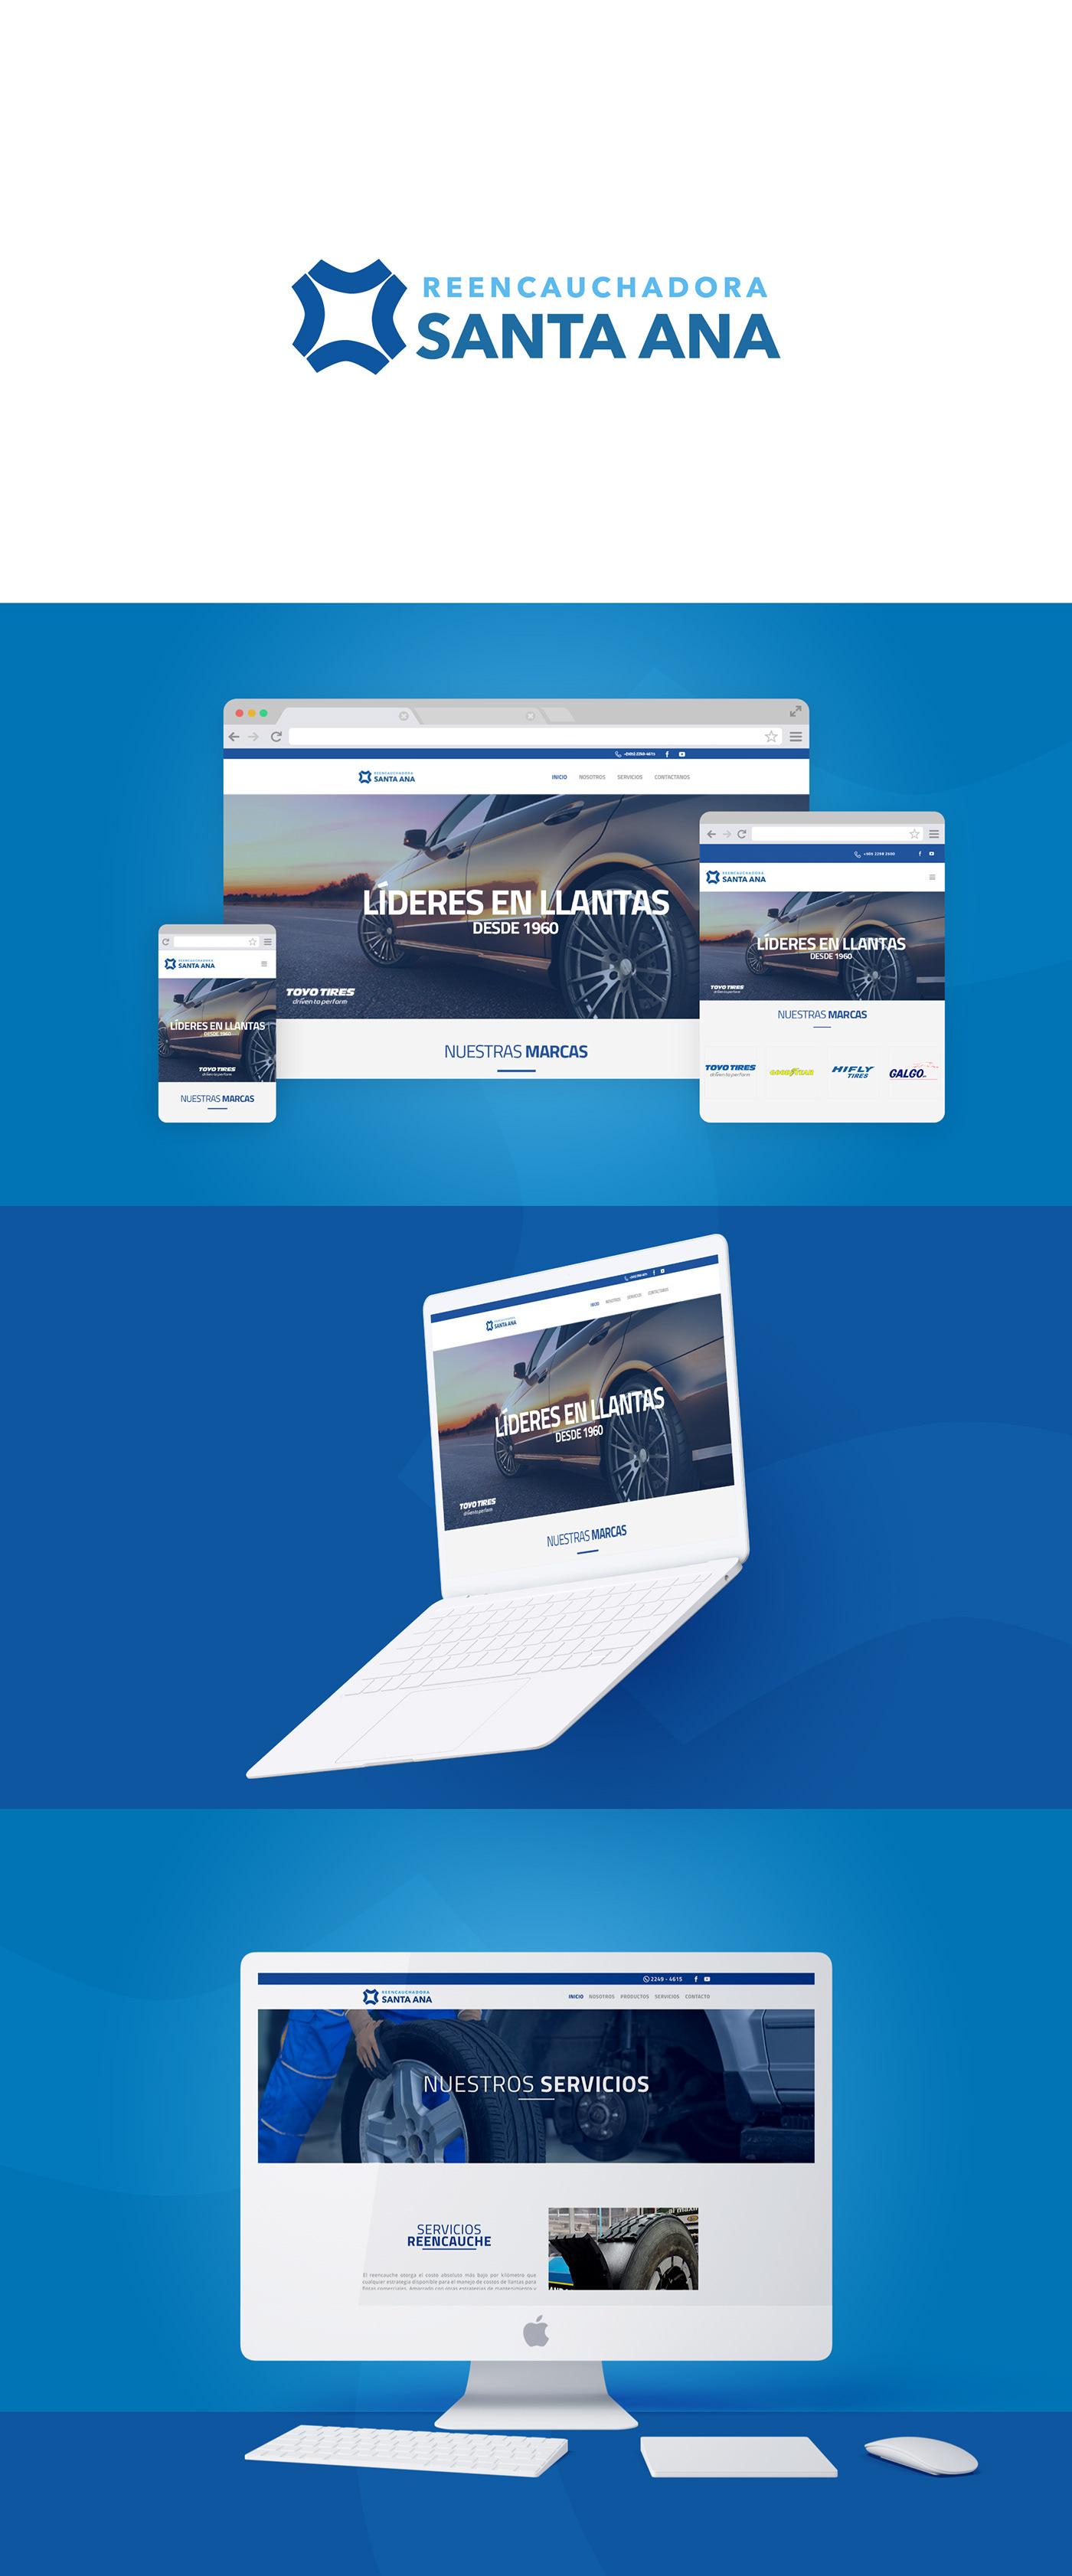 Branding Digital agency agencia de publicidad Nicaragua Bold Developers Web